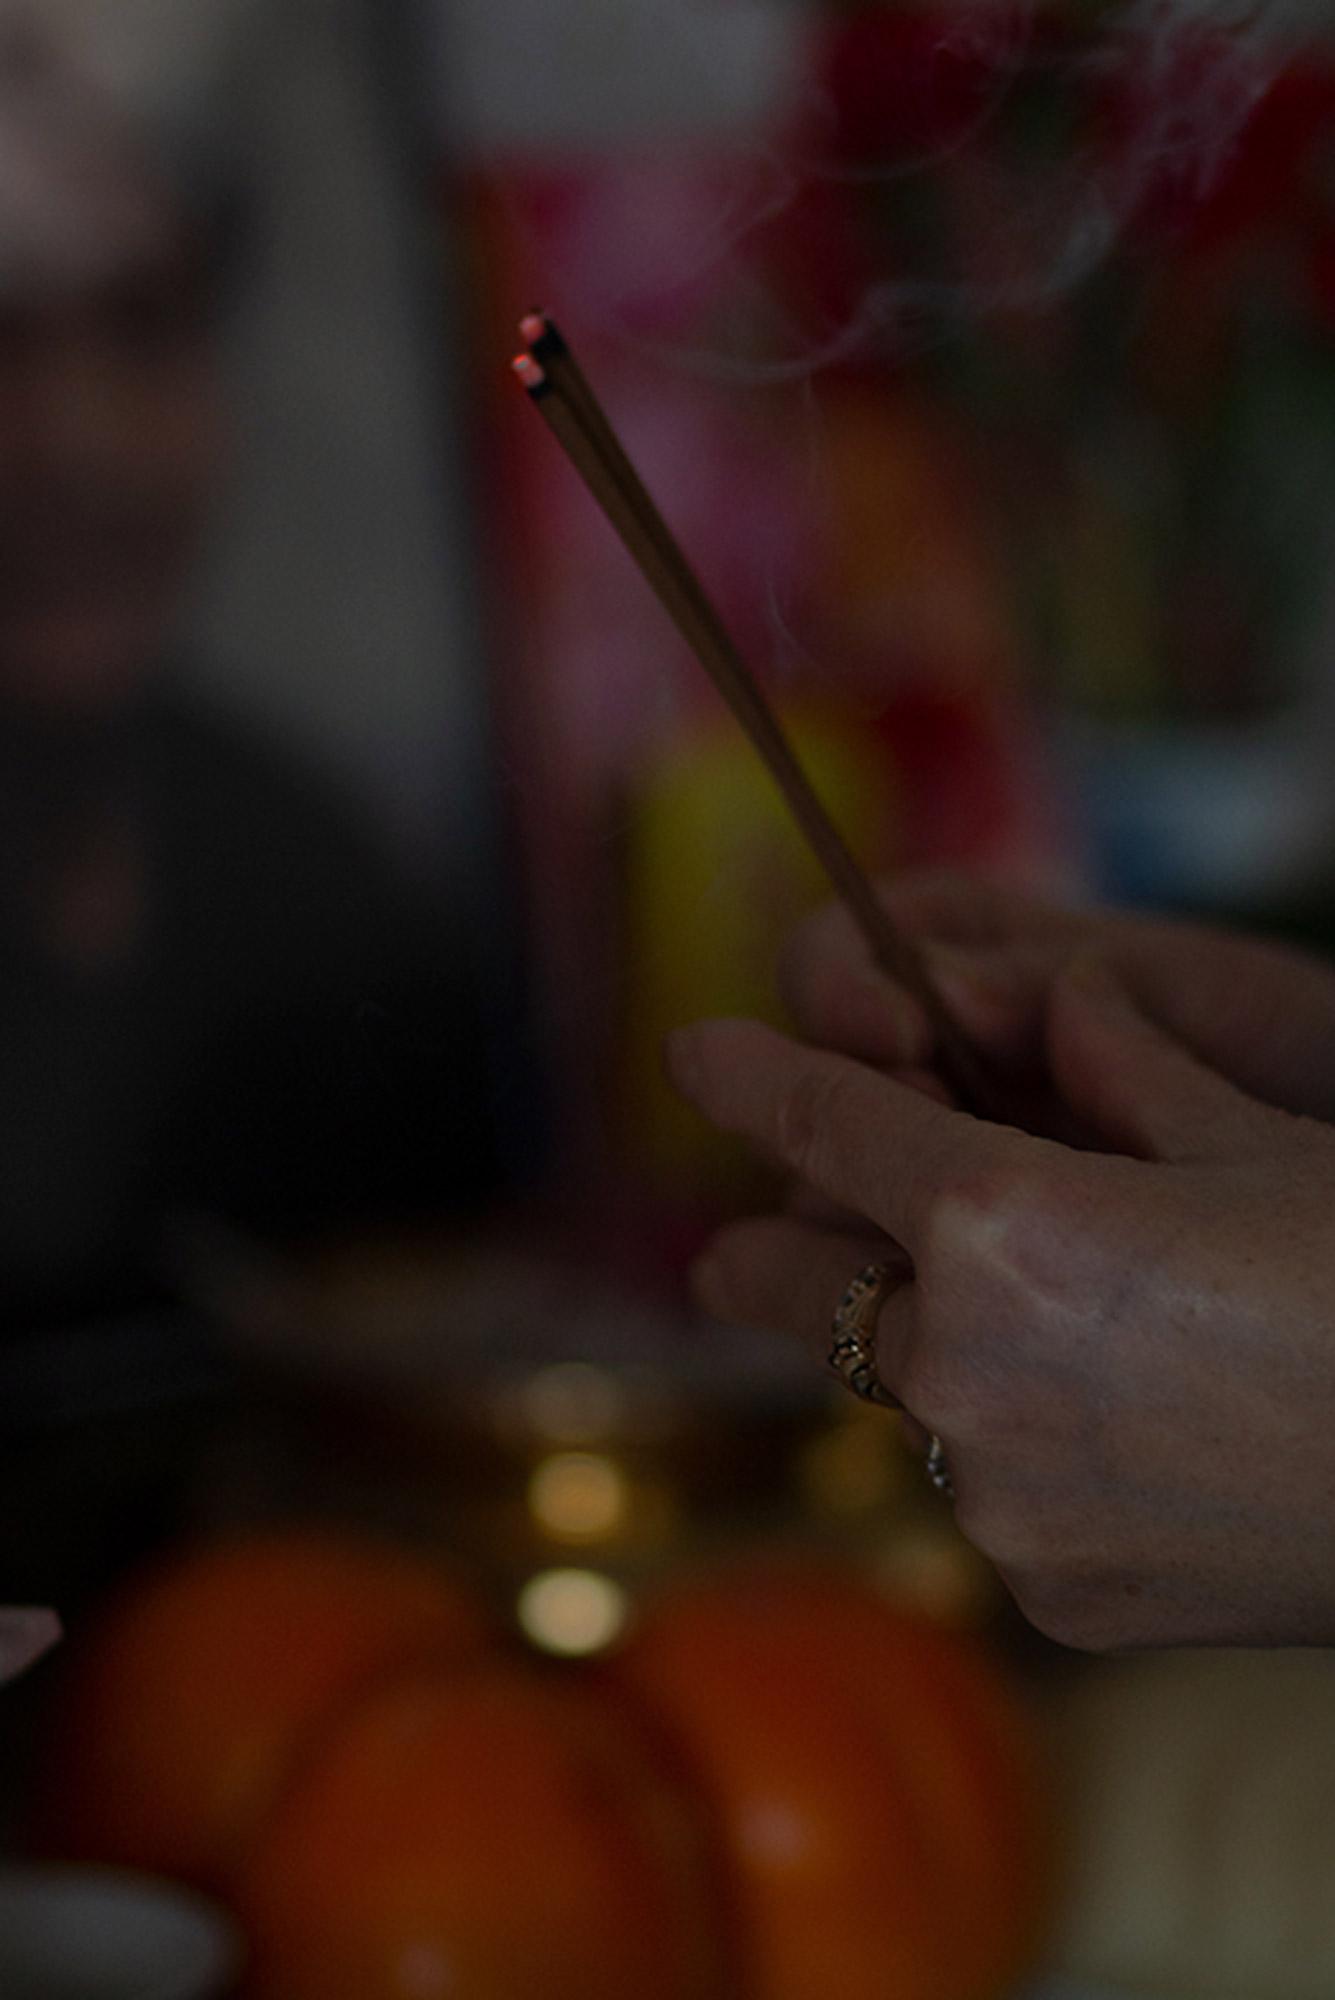 Henkilö pitää palavia suitsukkeita käsissään